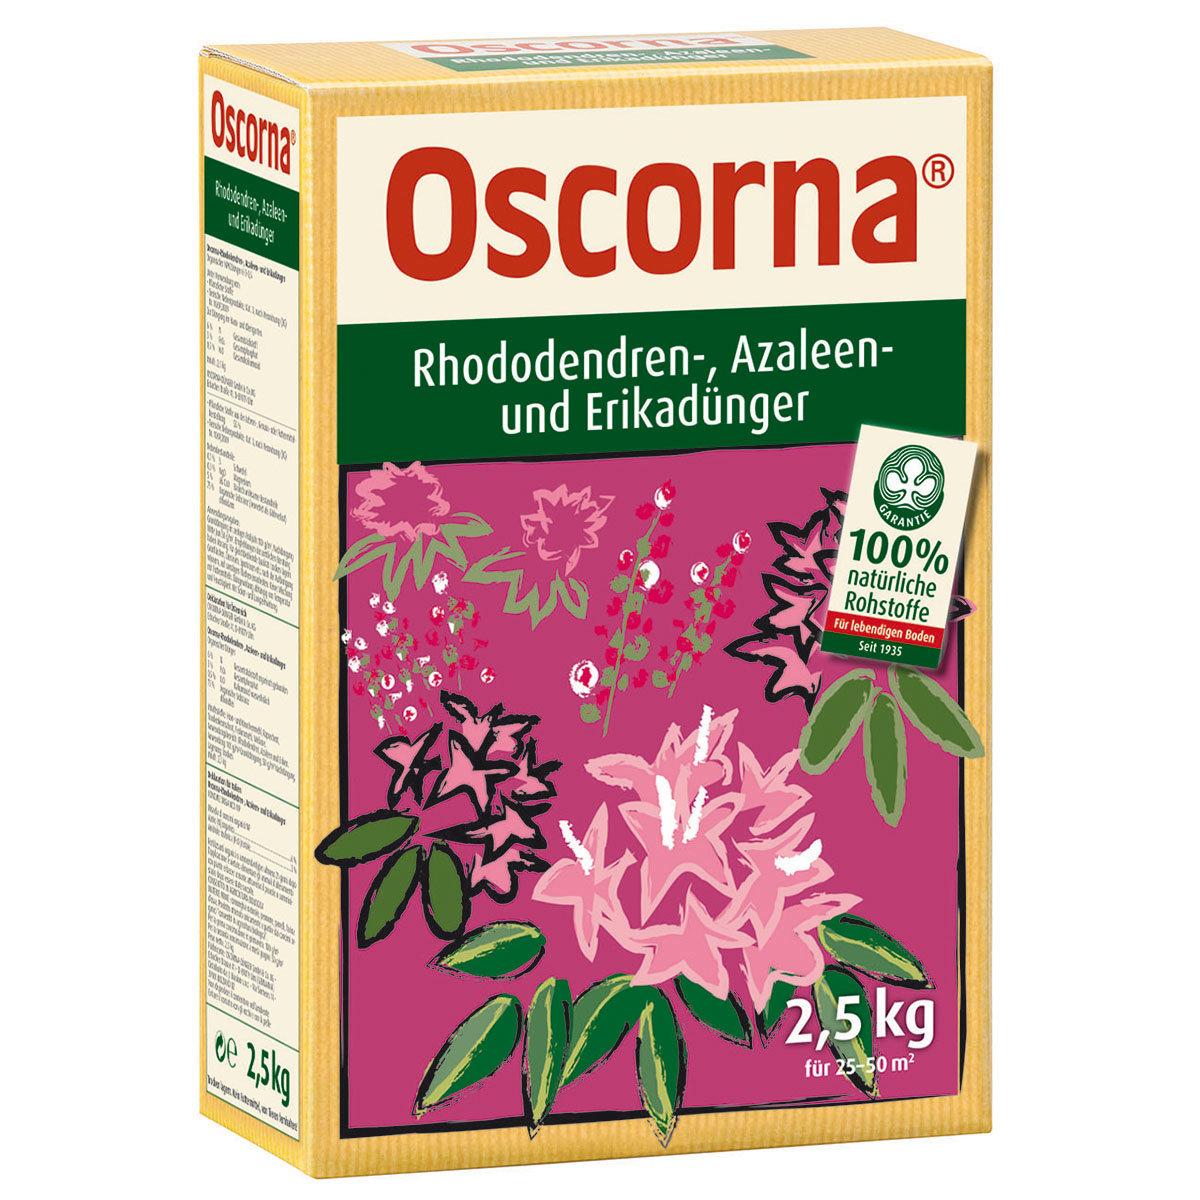 Rhododendren-, Azaleen- und Erikadünger, 2,5 kg